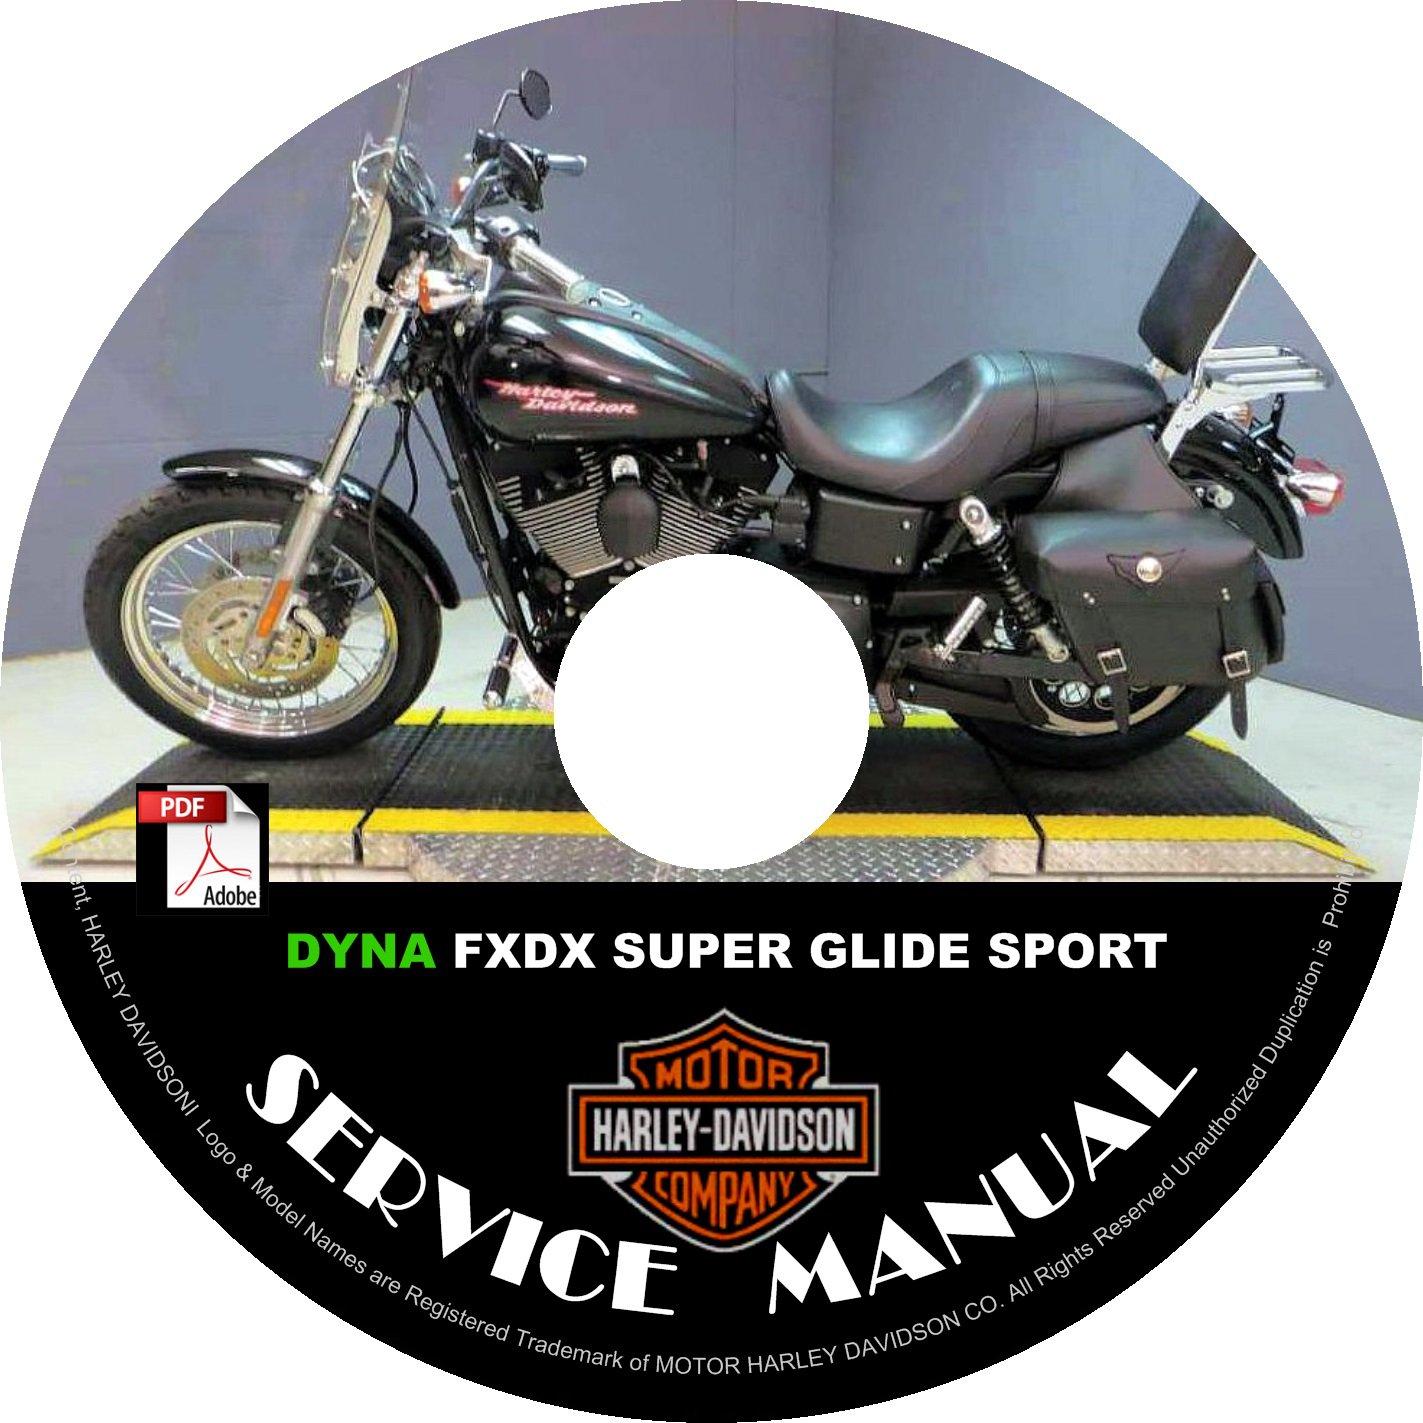 2002 Harley Davidson Dyna FXDX Super Glide Sport Service Repair Shop Manual on CD Fix Build Workshop